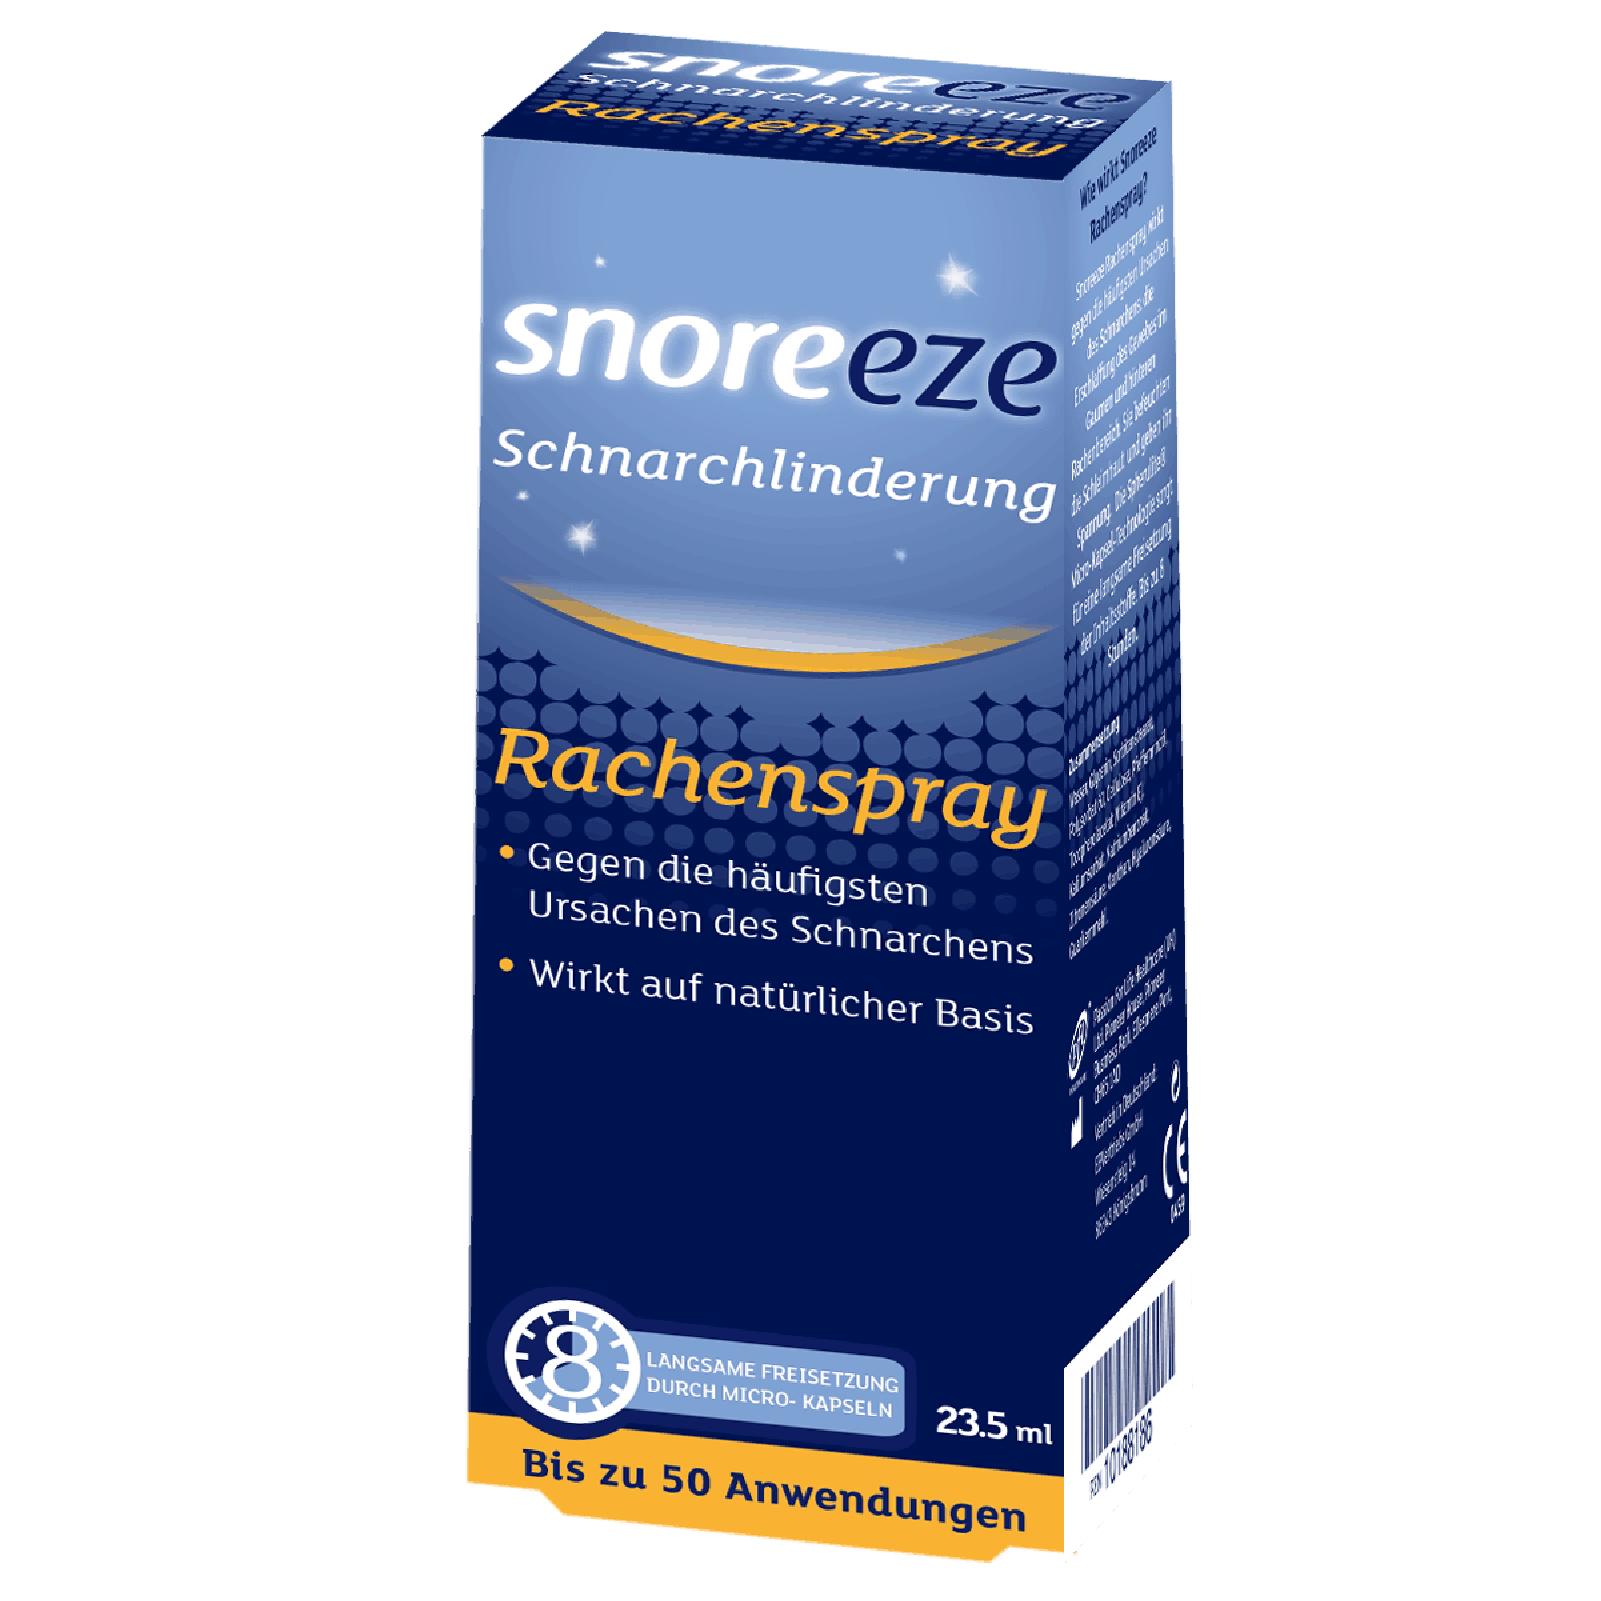 Schnarchlinderung Rachenspray